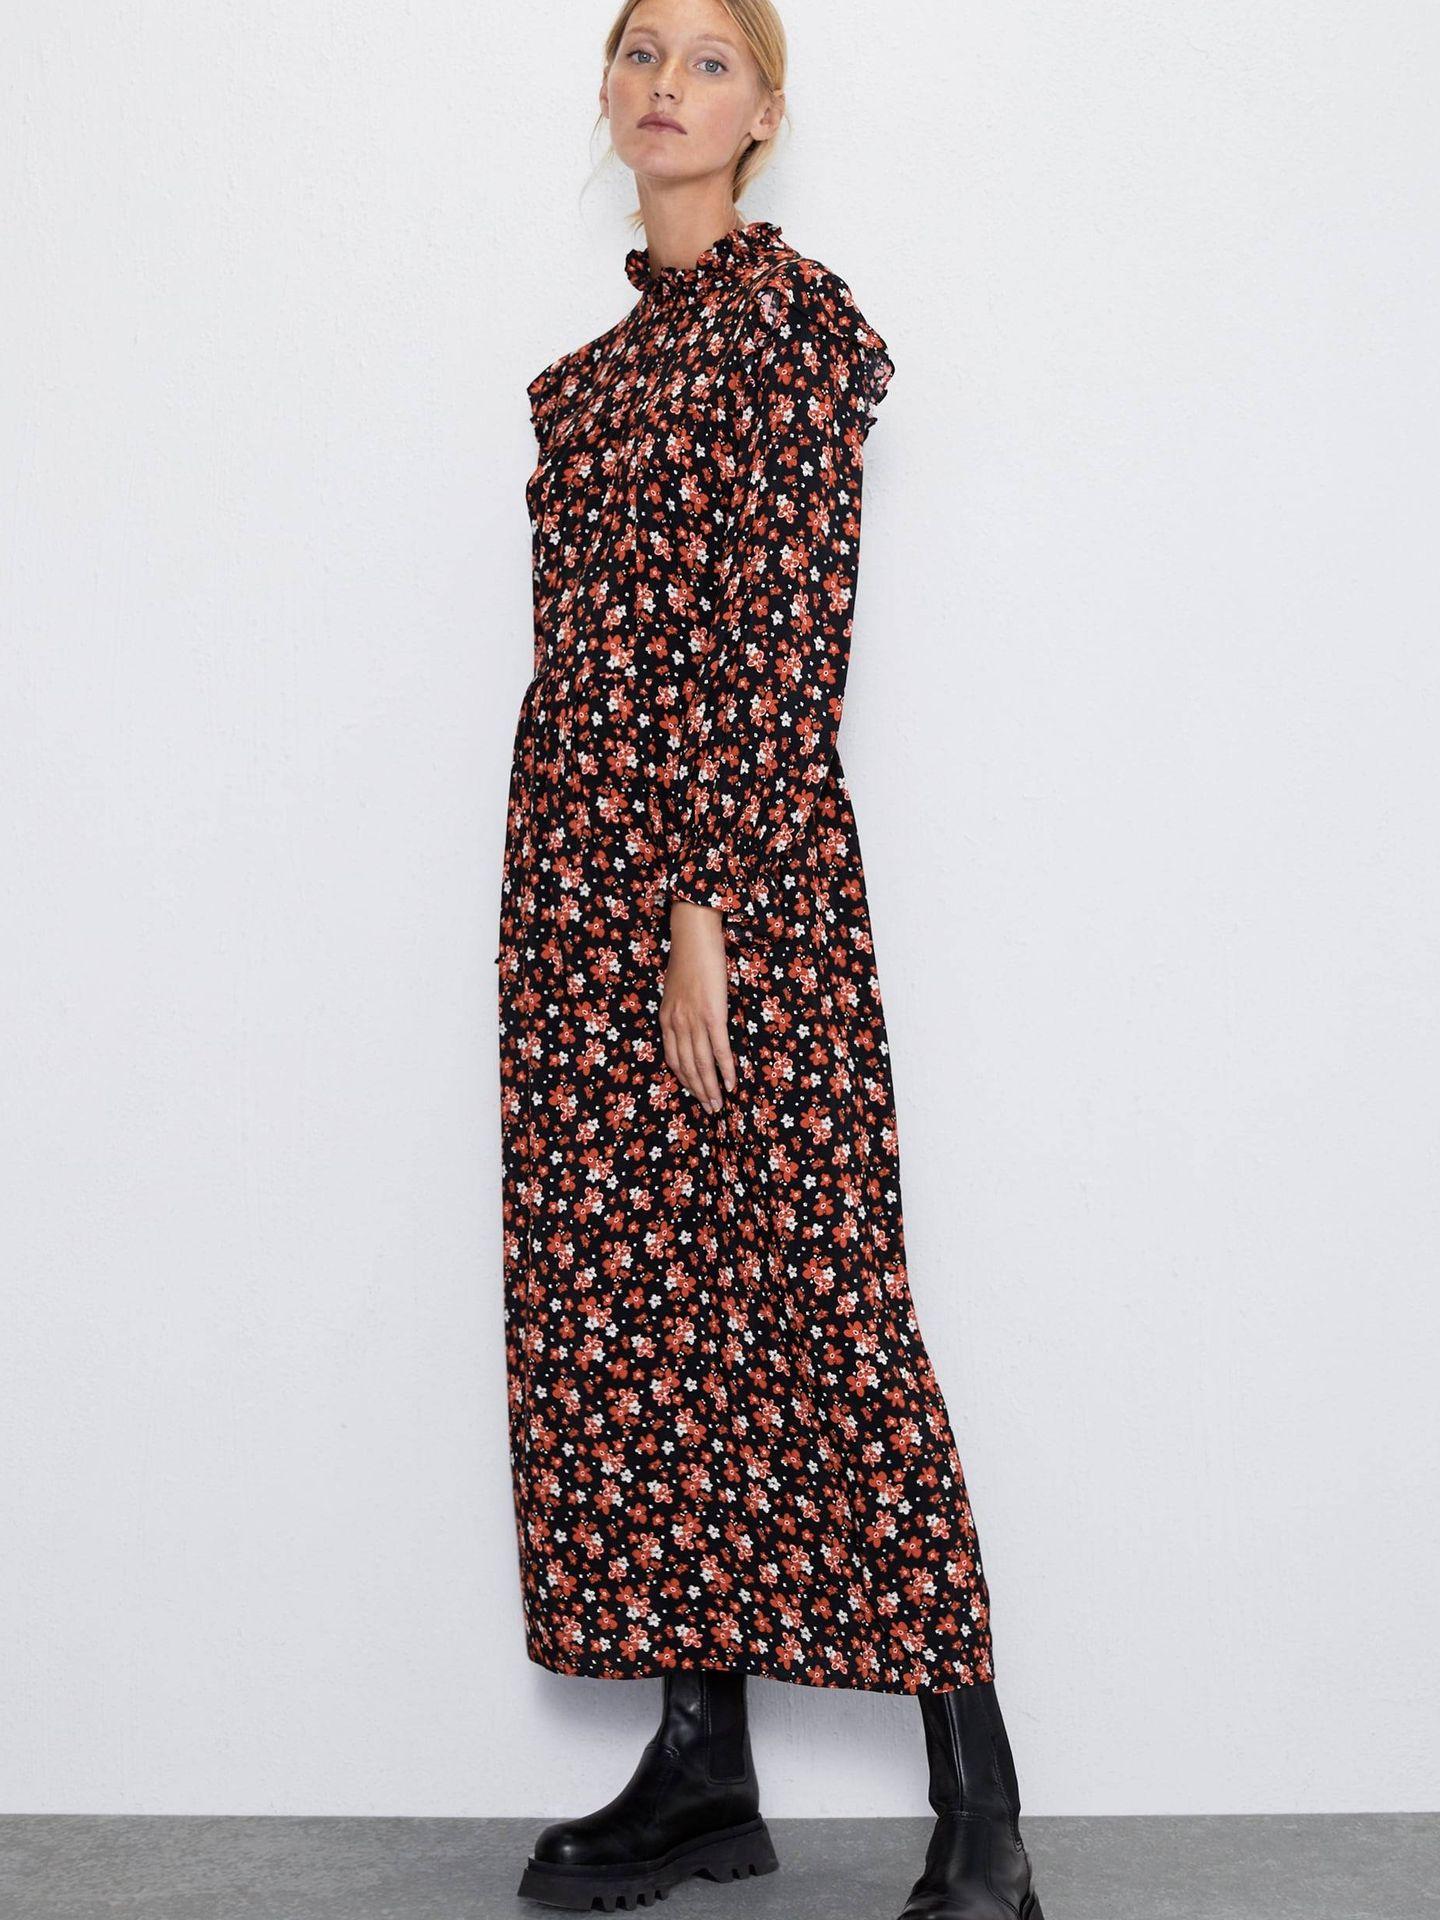 Vestido de estampado floral. (Cortesía)